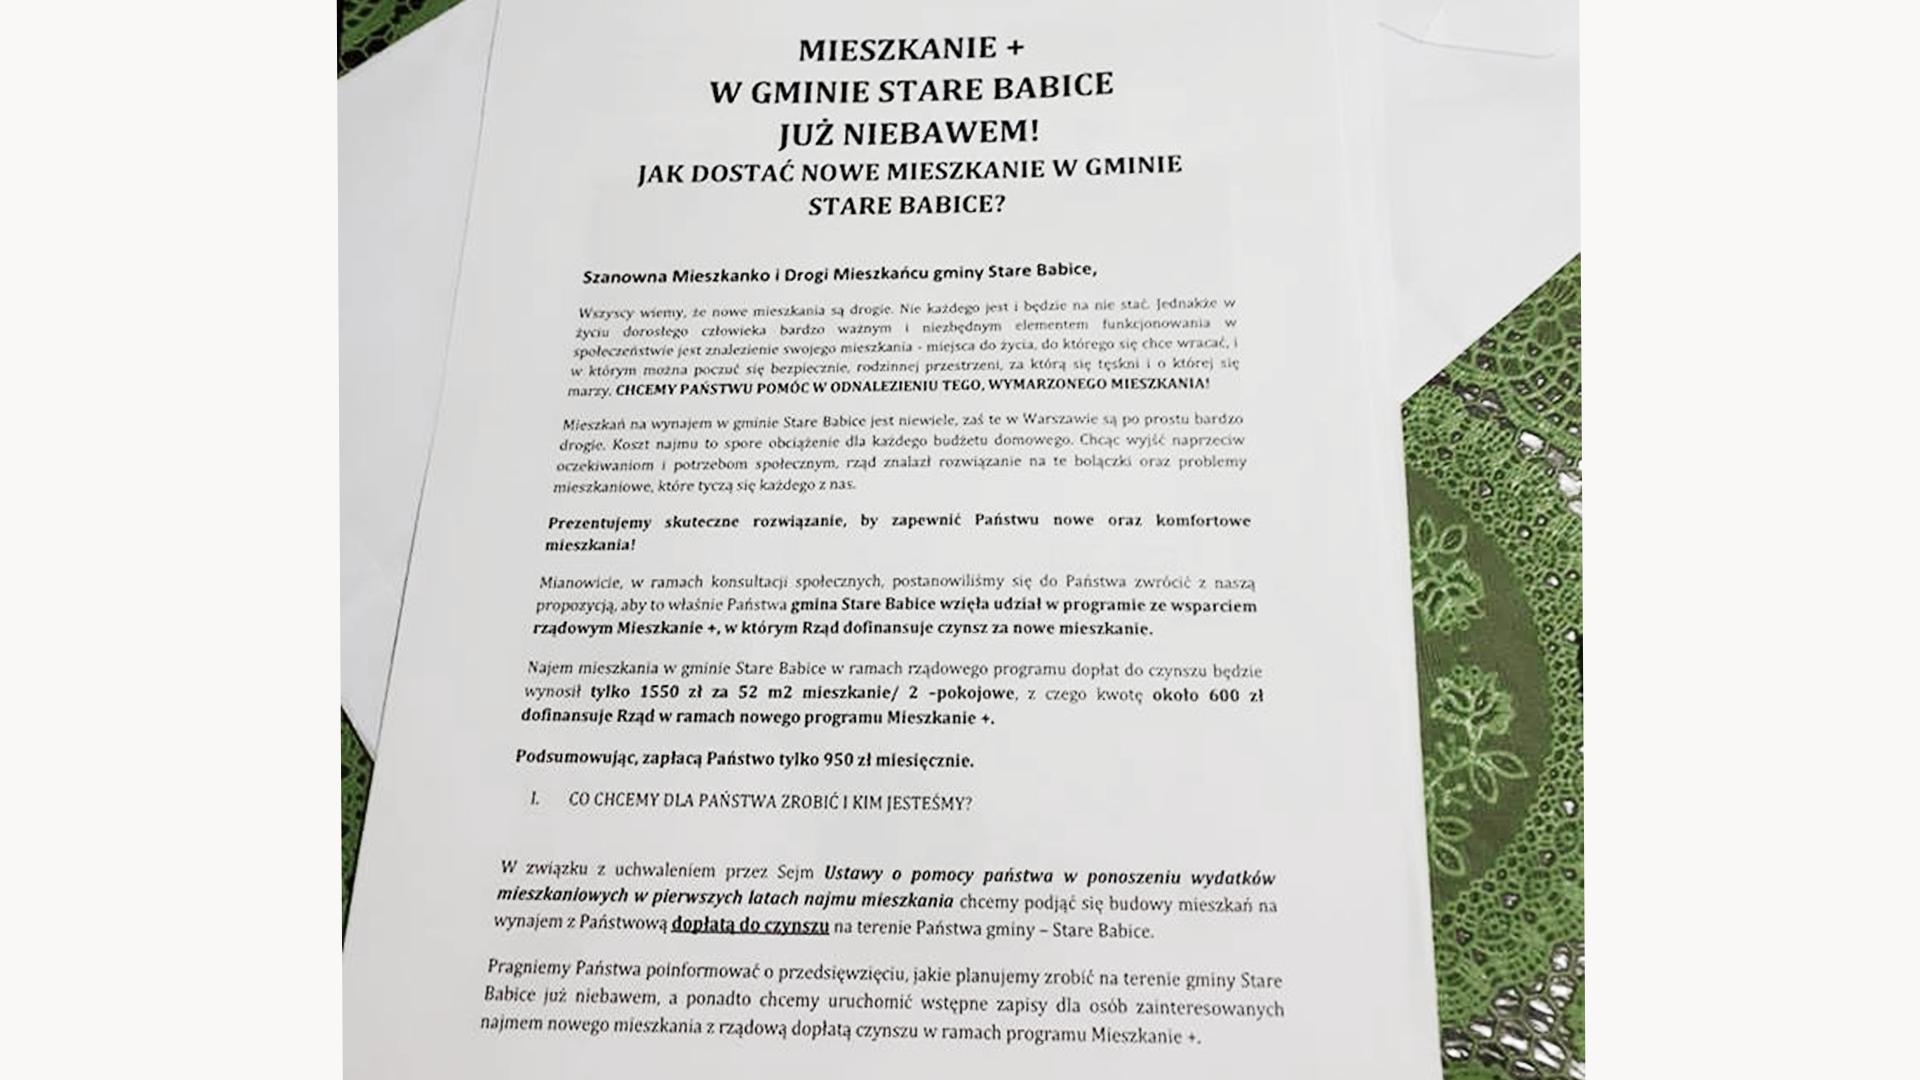 Ankieta dystrybuowana wśród mieszkańców Starych Babic